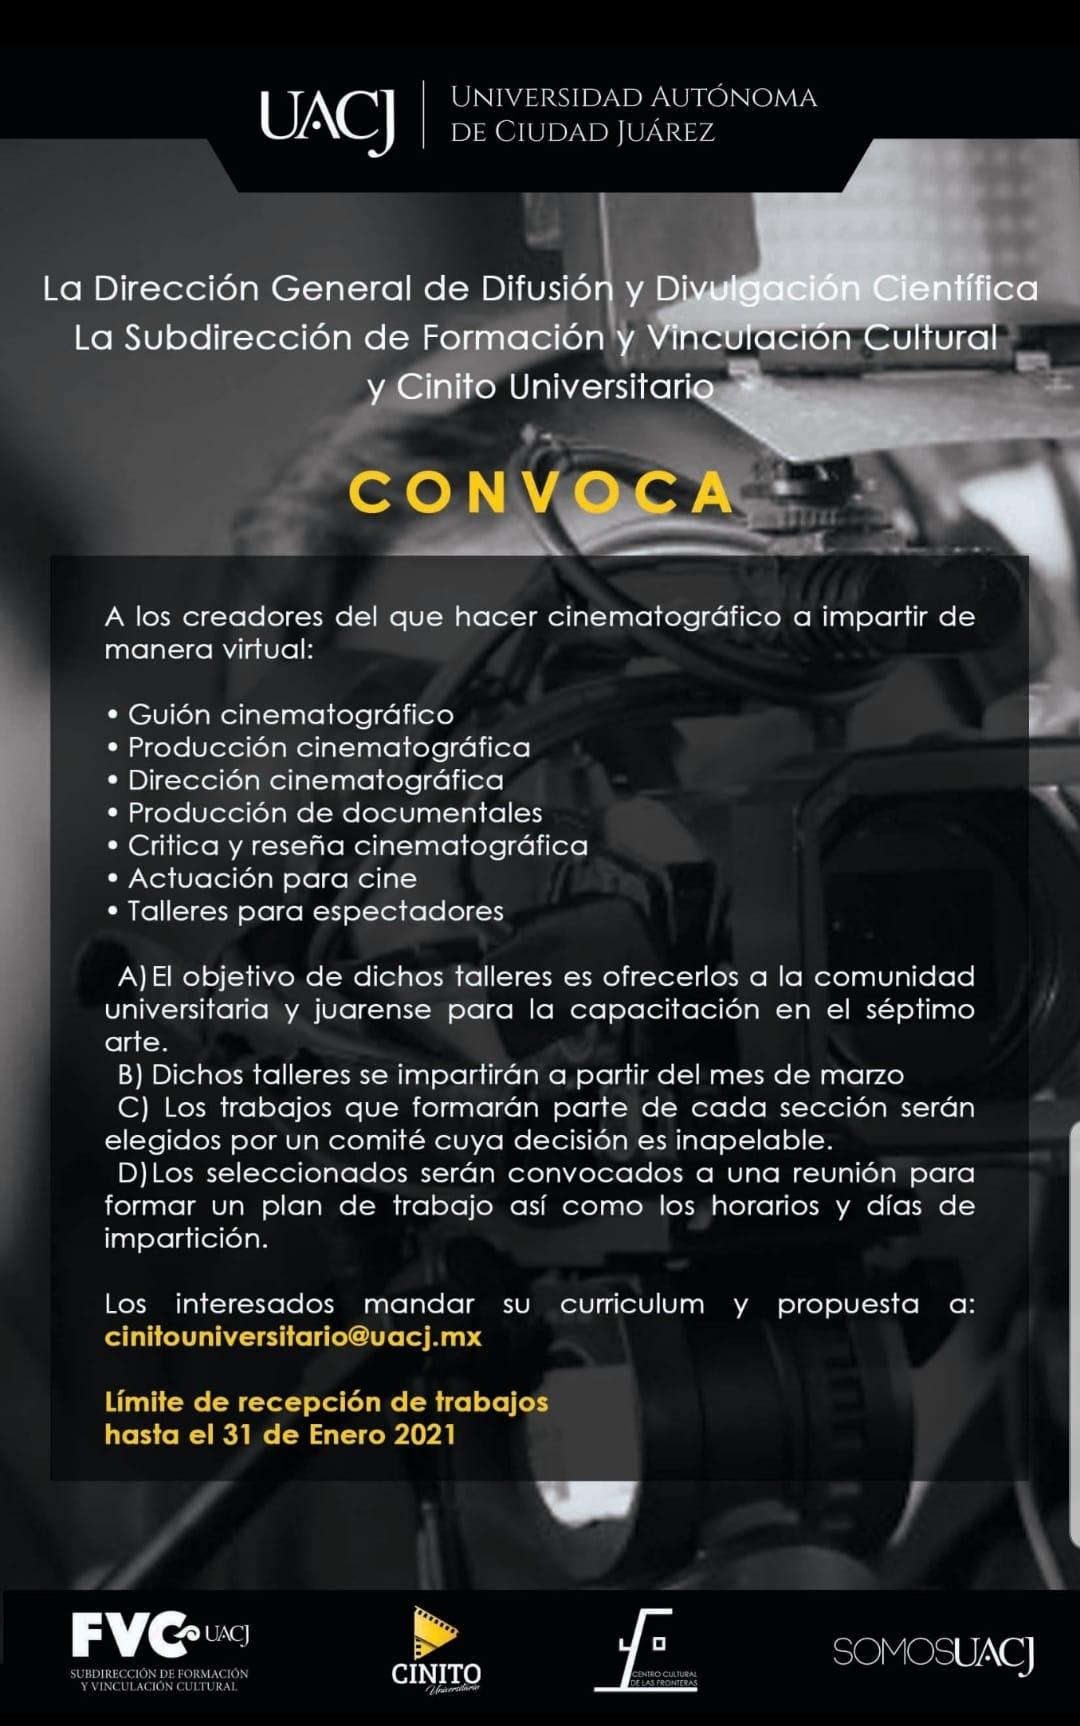 La UACJ recibirá propuestas para talleres cinematográficos